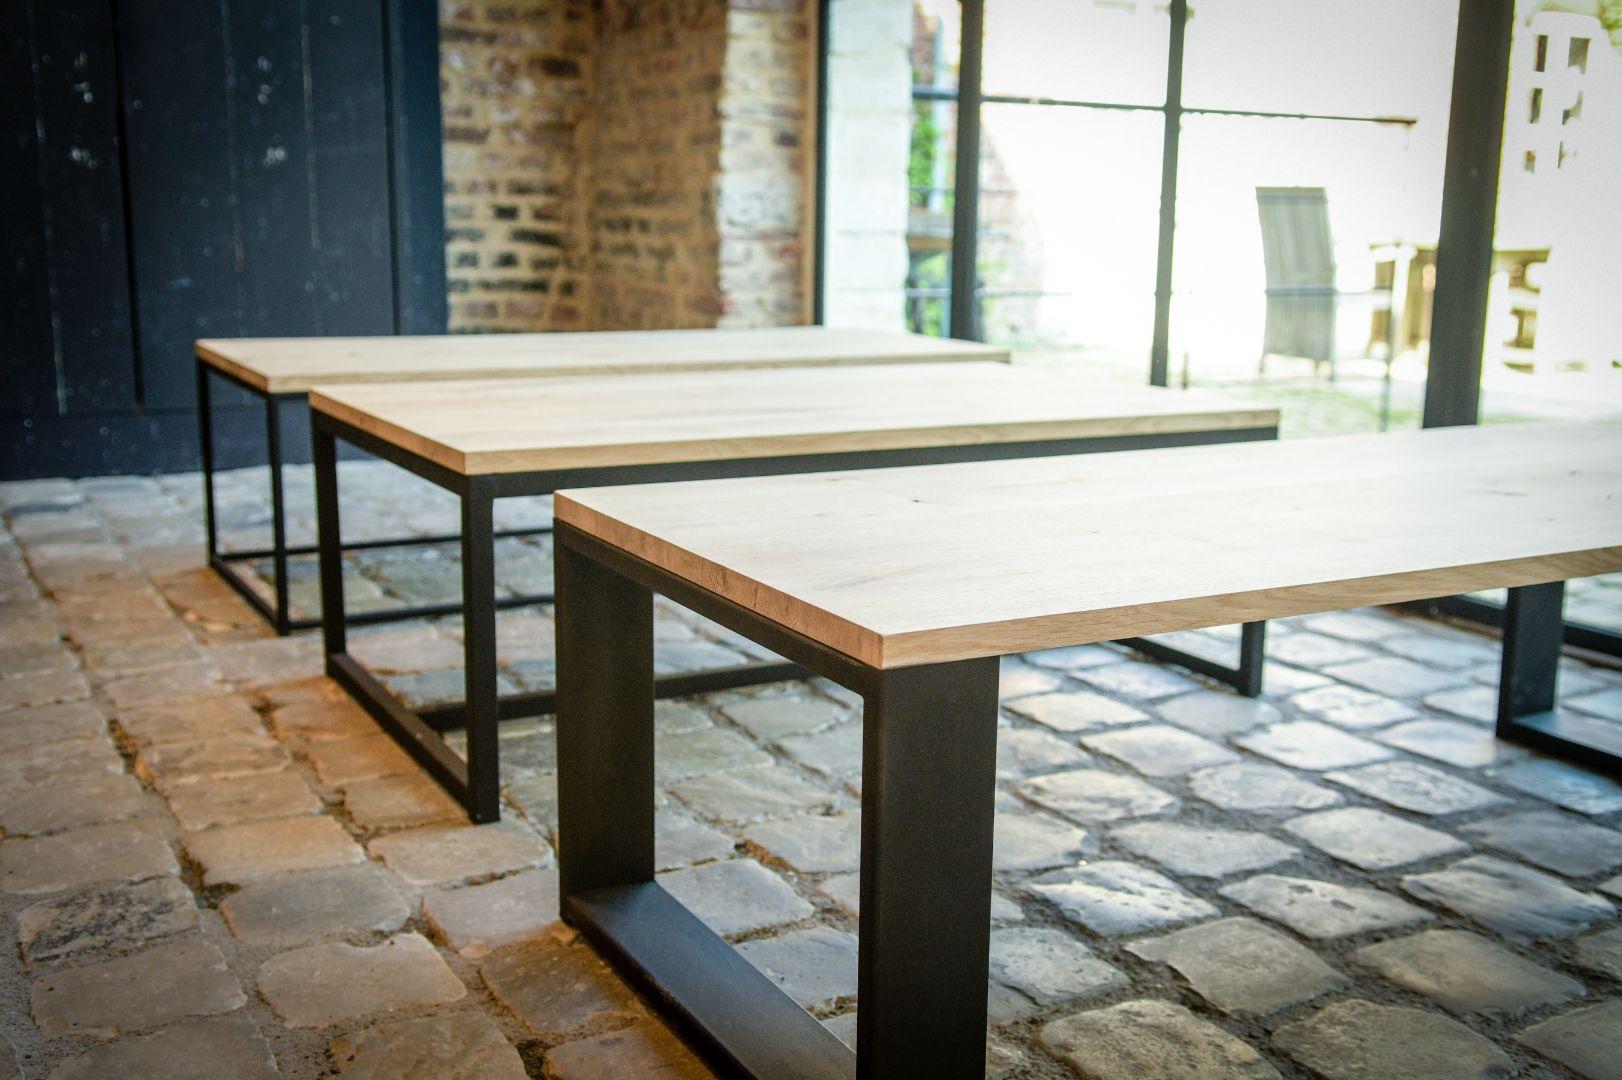 Mogelijke onderstellen voor zowel tafels als salontafels